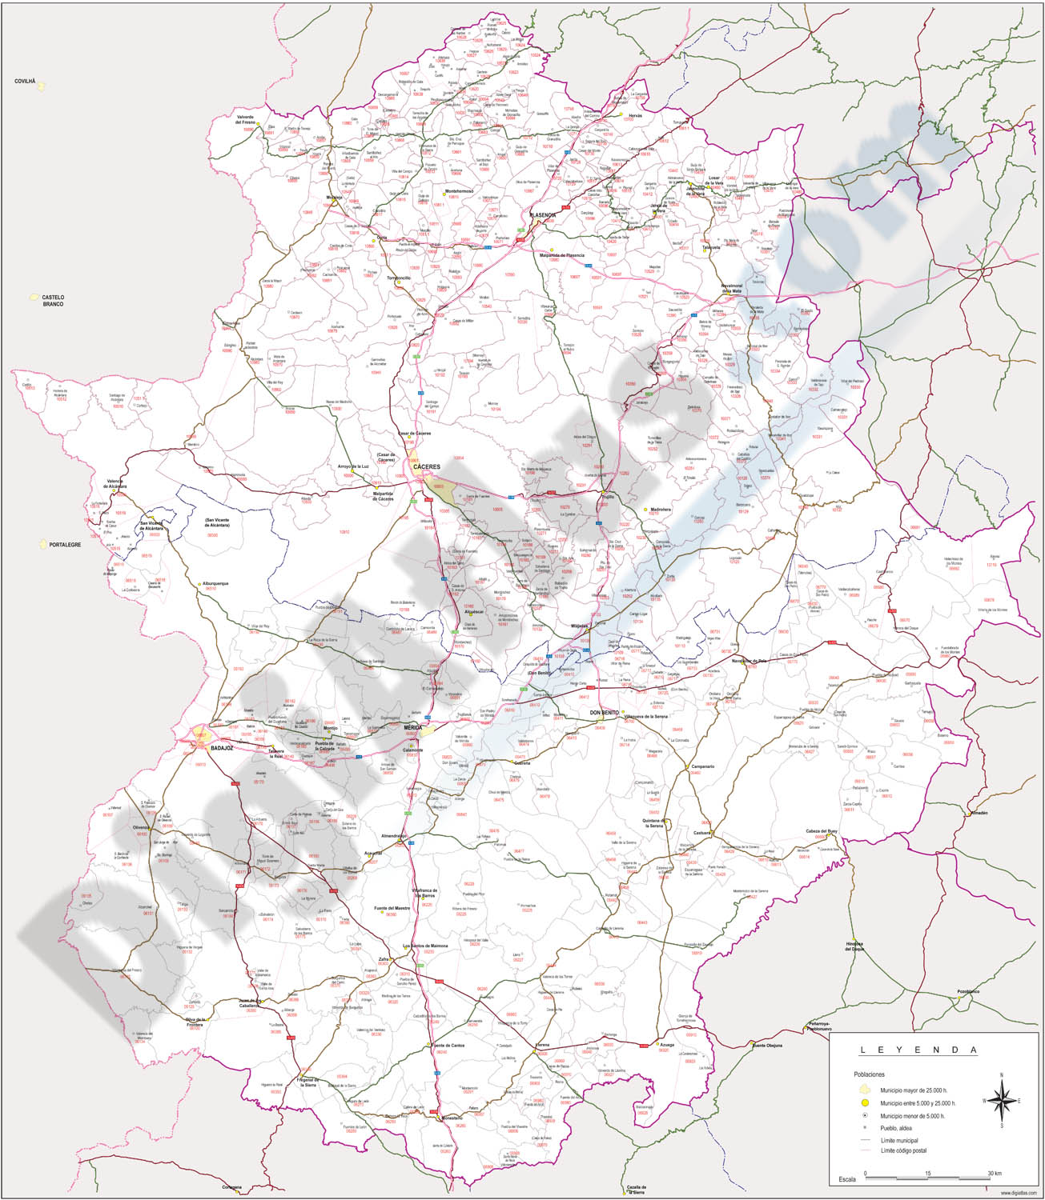 Extremadura - Mapa autonómico con municipios, códigos postales y carreteras